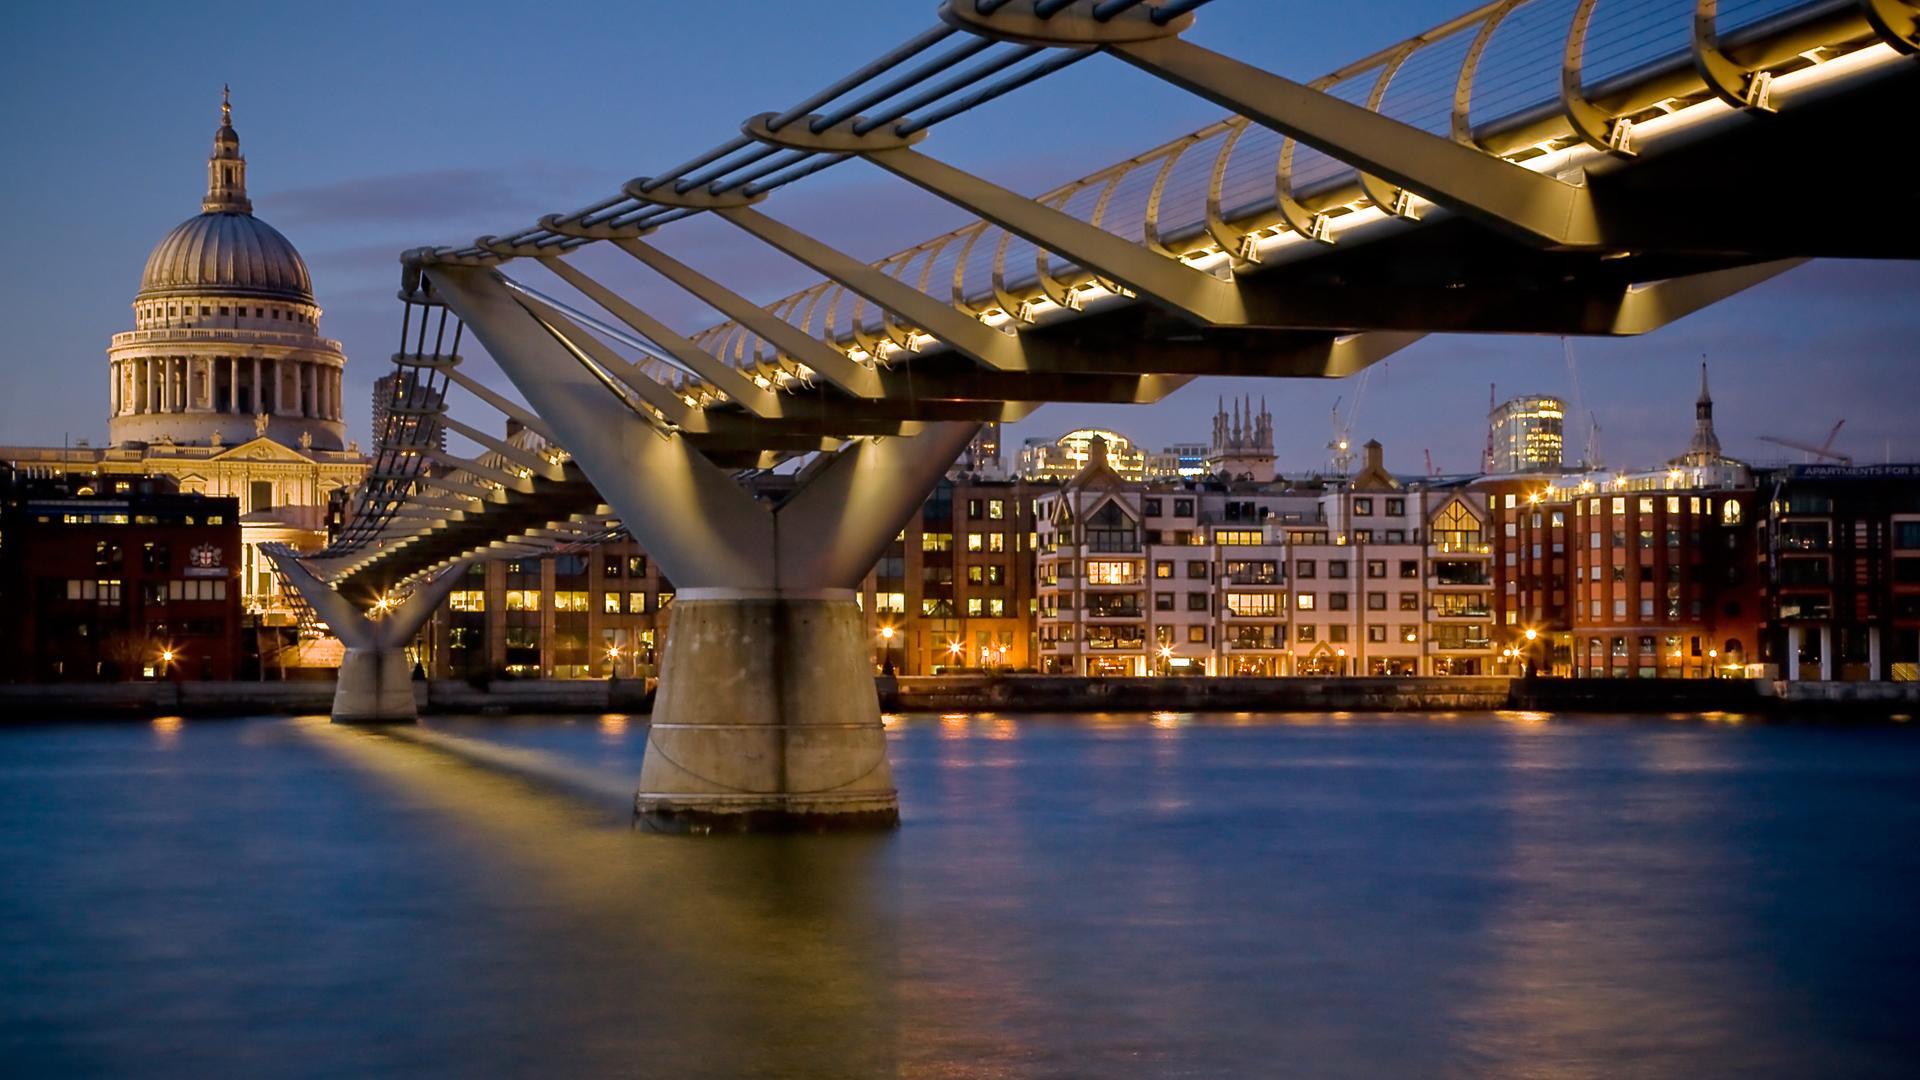 6917 скачать обои Пейзаж, Города, Река, Мосты, Архитектура - заставки и картинки бесплатно